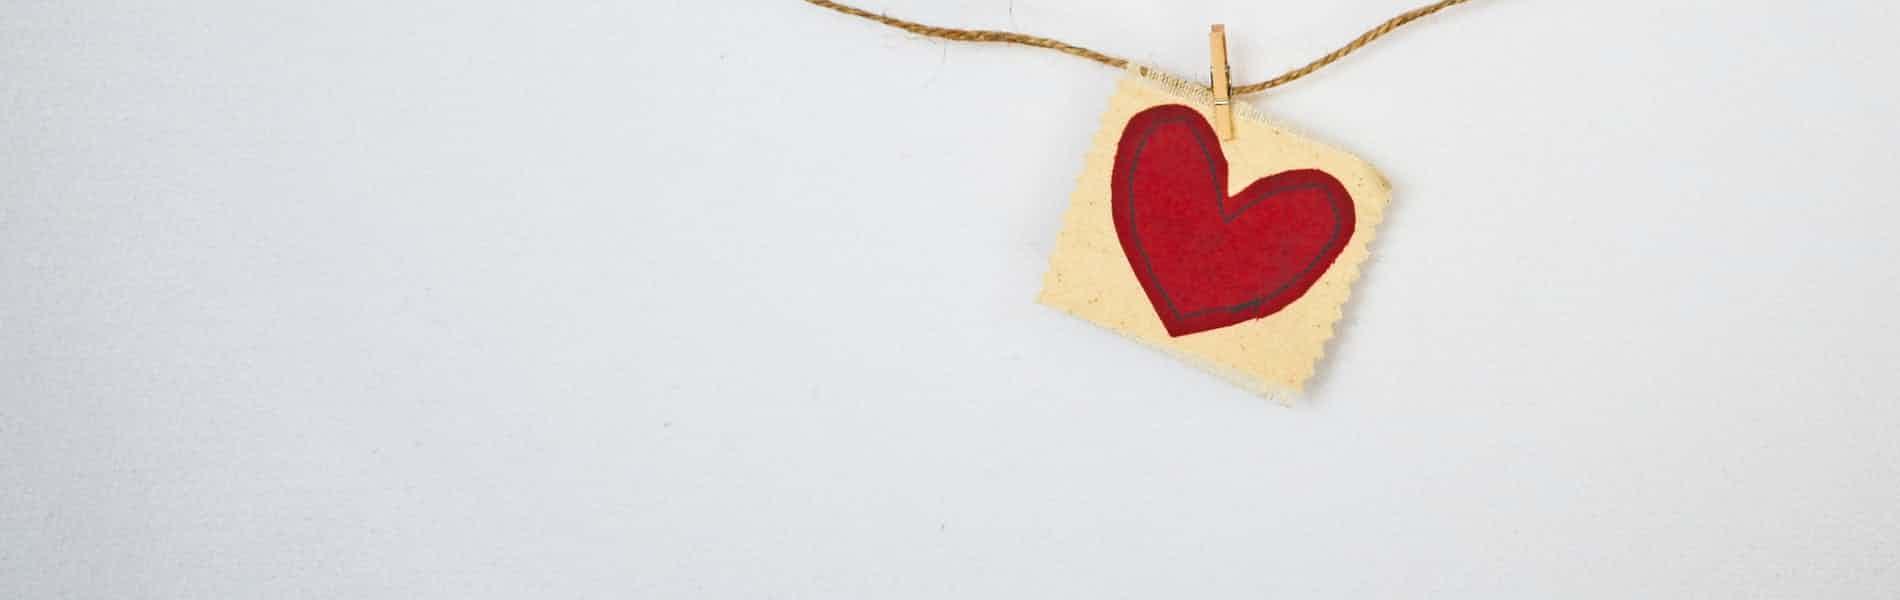 """אומרים אהבה יש בעולם. מה זאת אהבה? סקירת הסדנה """"בקליניקה עם אנשים שבוחרים בקשר פתוח – הדרכה מיוחדת למאמנים ומטפלים"""""""